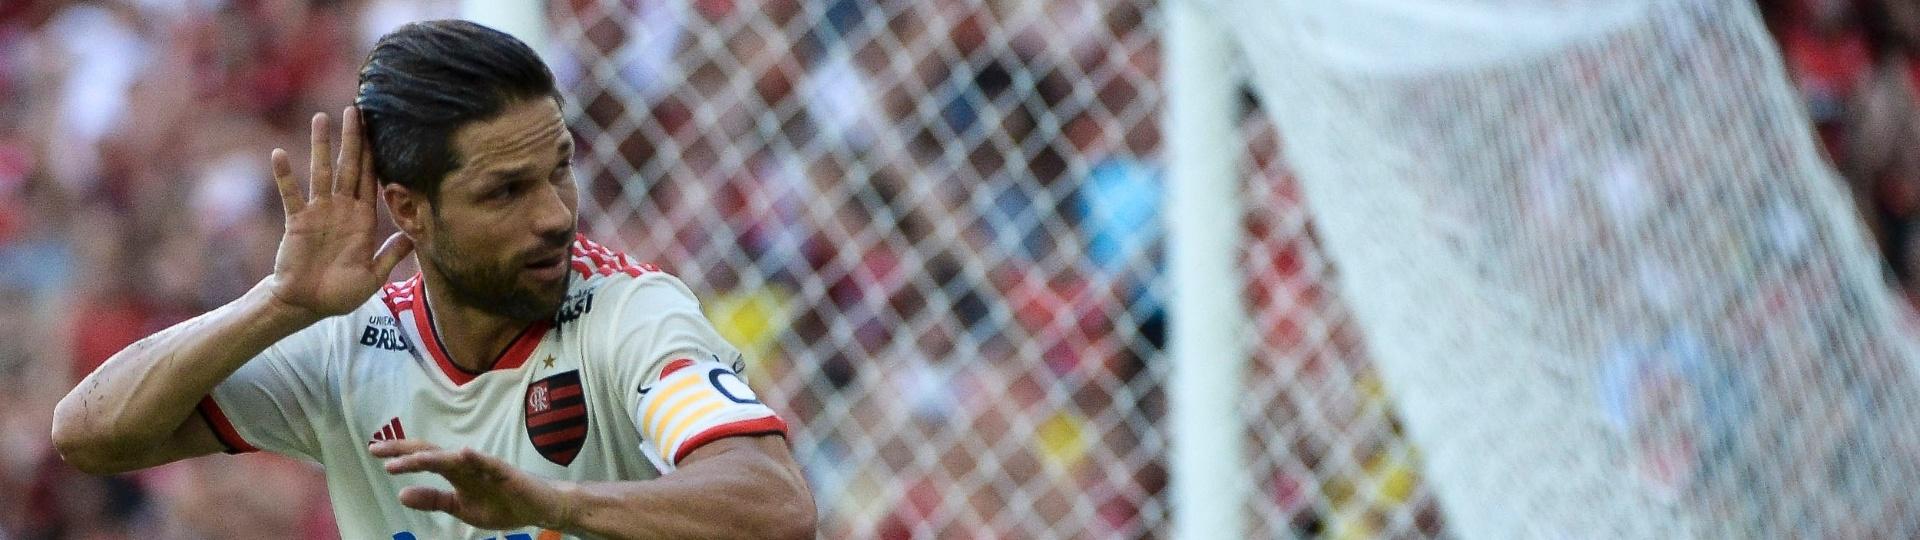 Diego comemora gol do Flamengo contra o Bahia pelo Campeonato Brasileiro